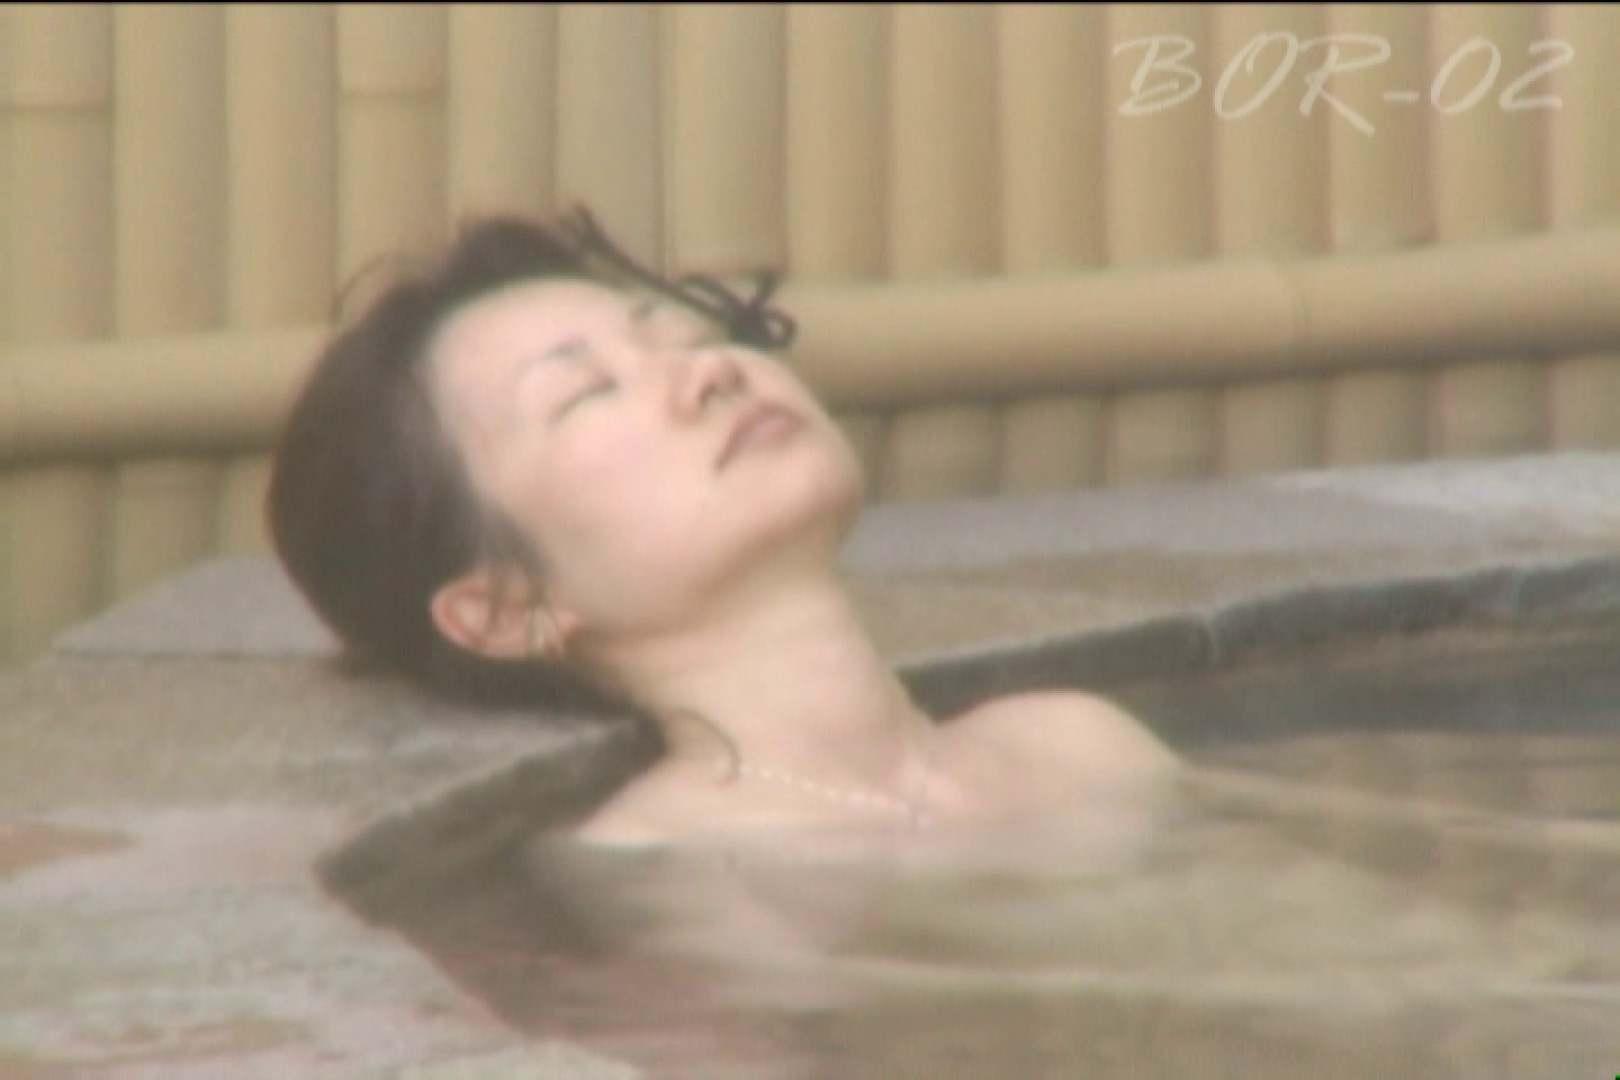 Aquaな露天風呂Vol.477 美しいOLの裸体  90pic 57